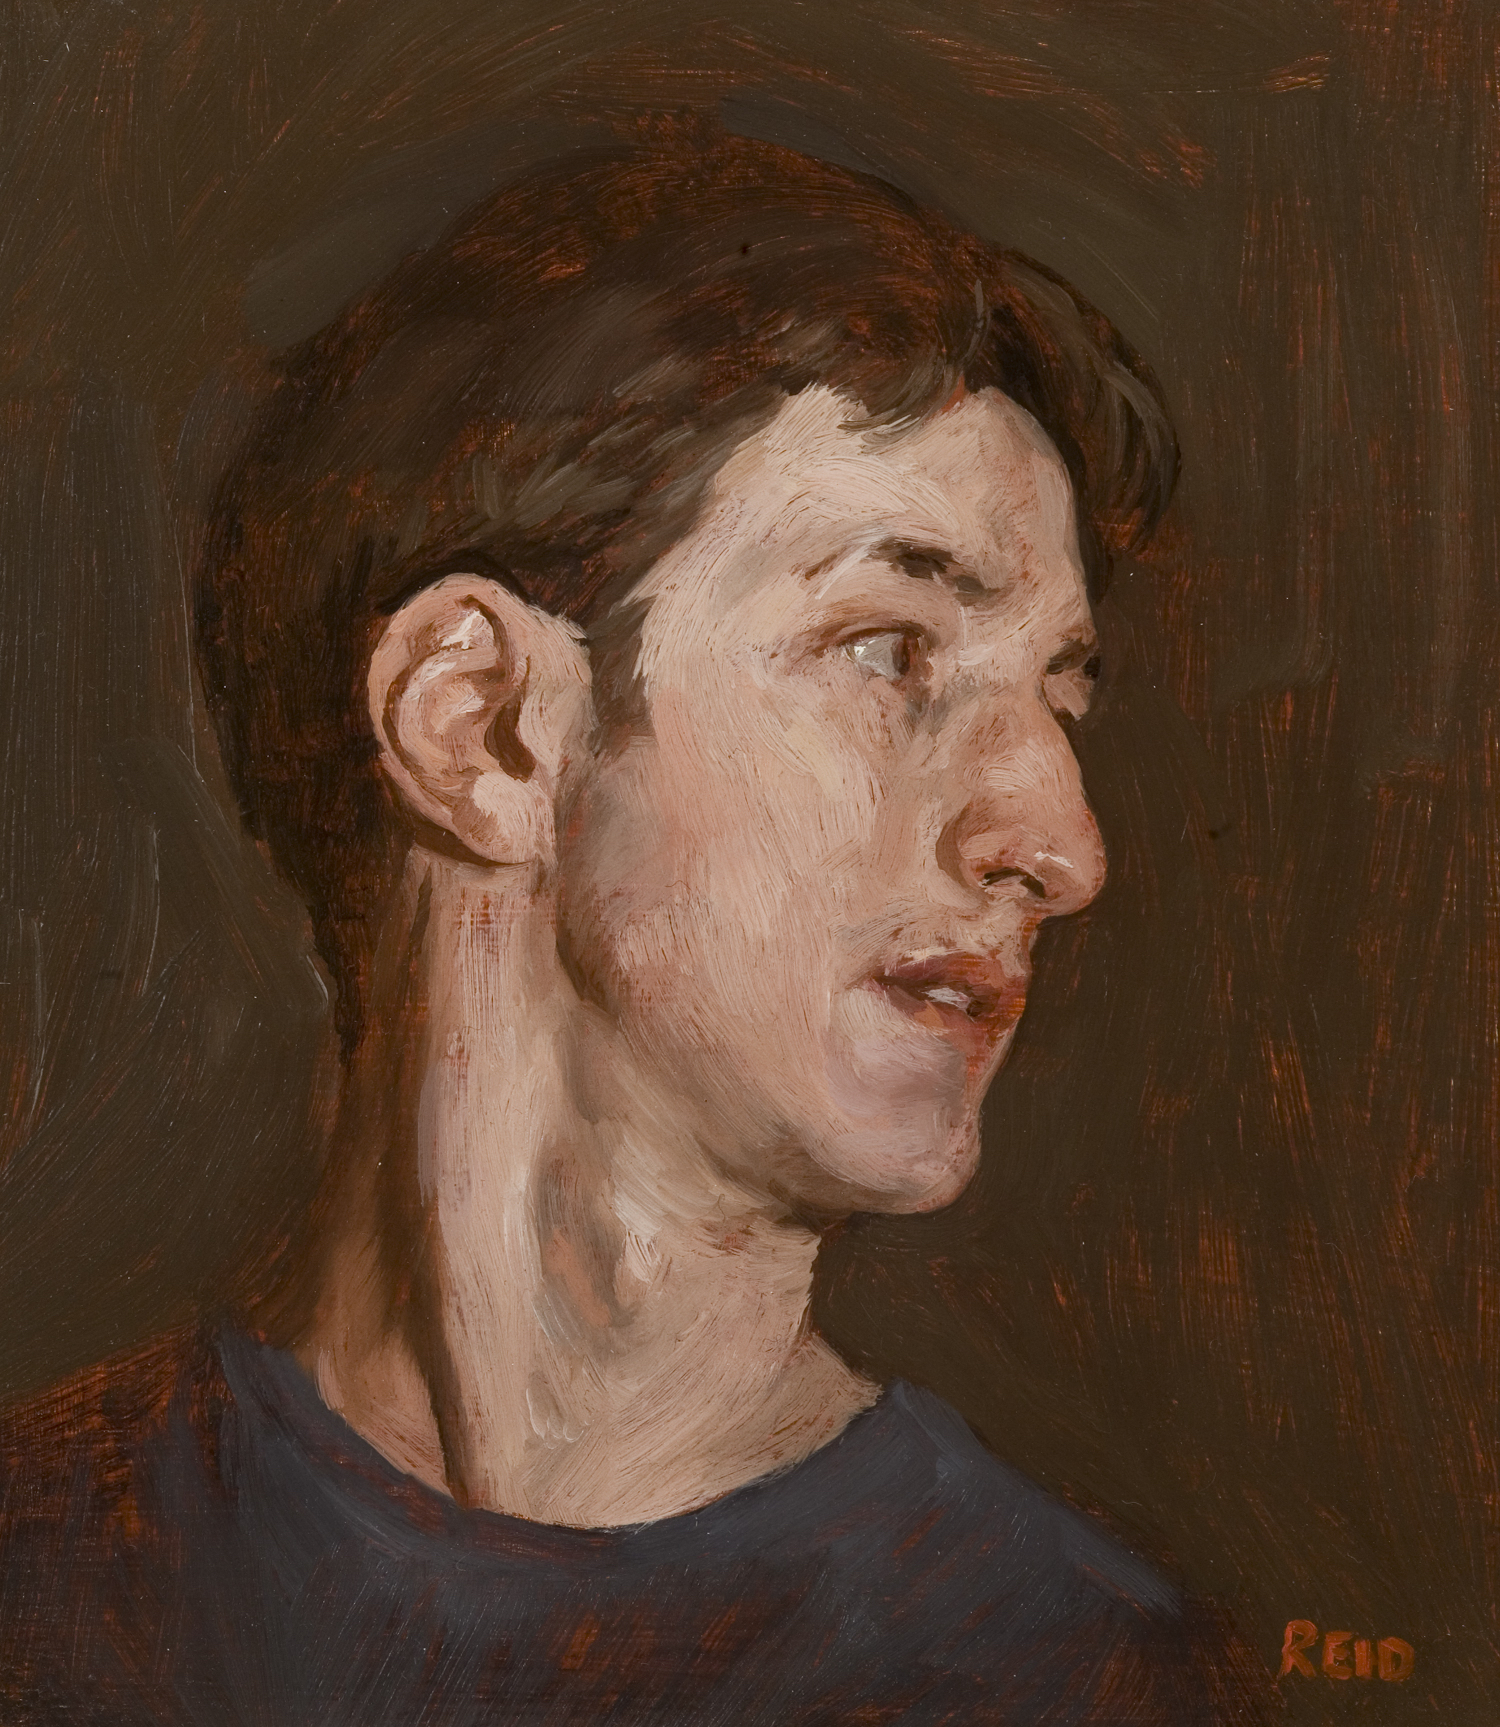 Self Portrait, 2002, Oil on Board, 20 x 28 cm